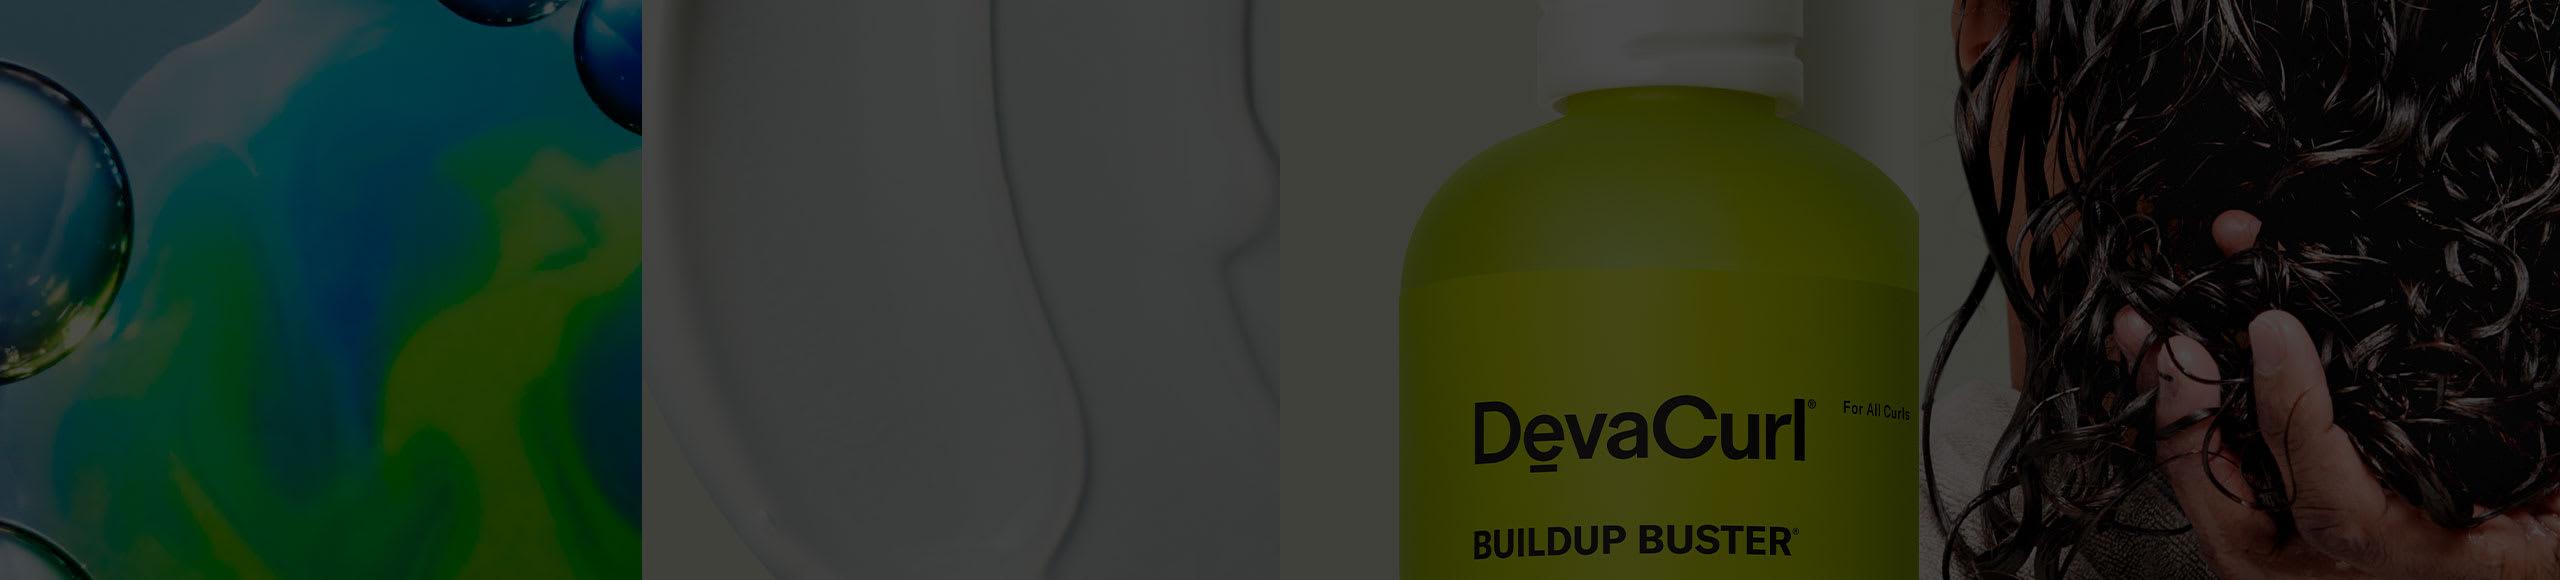 collage of devacurl product, goop, science